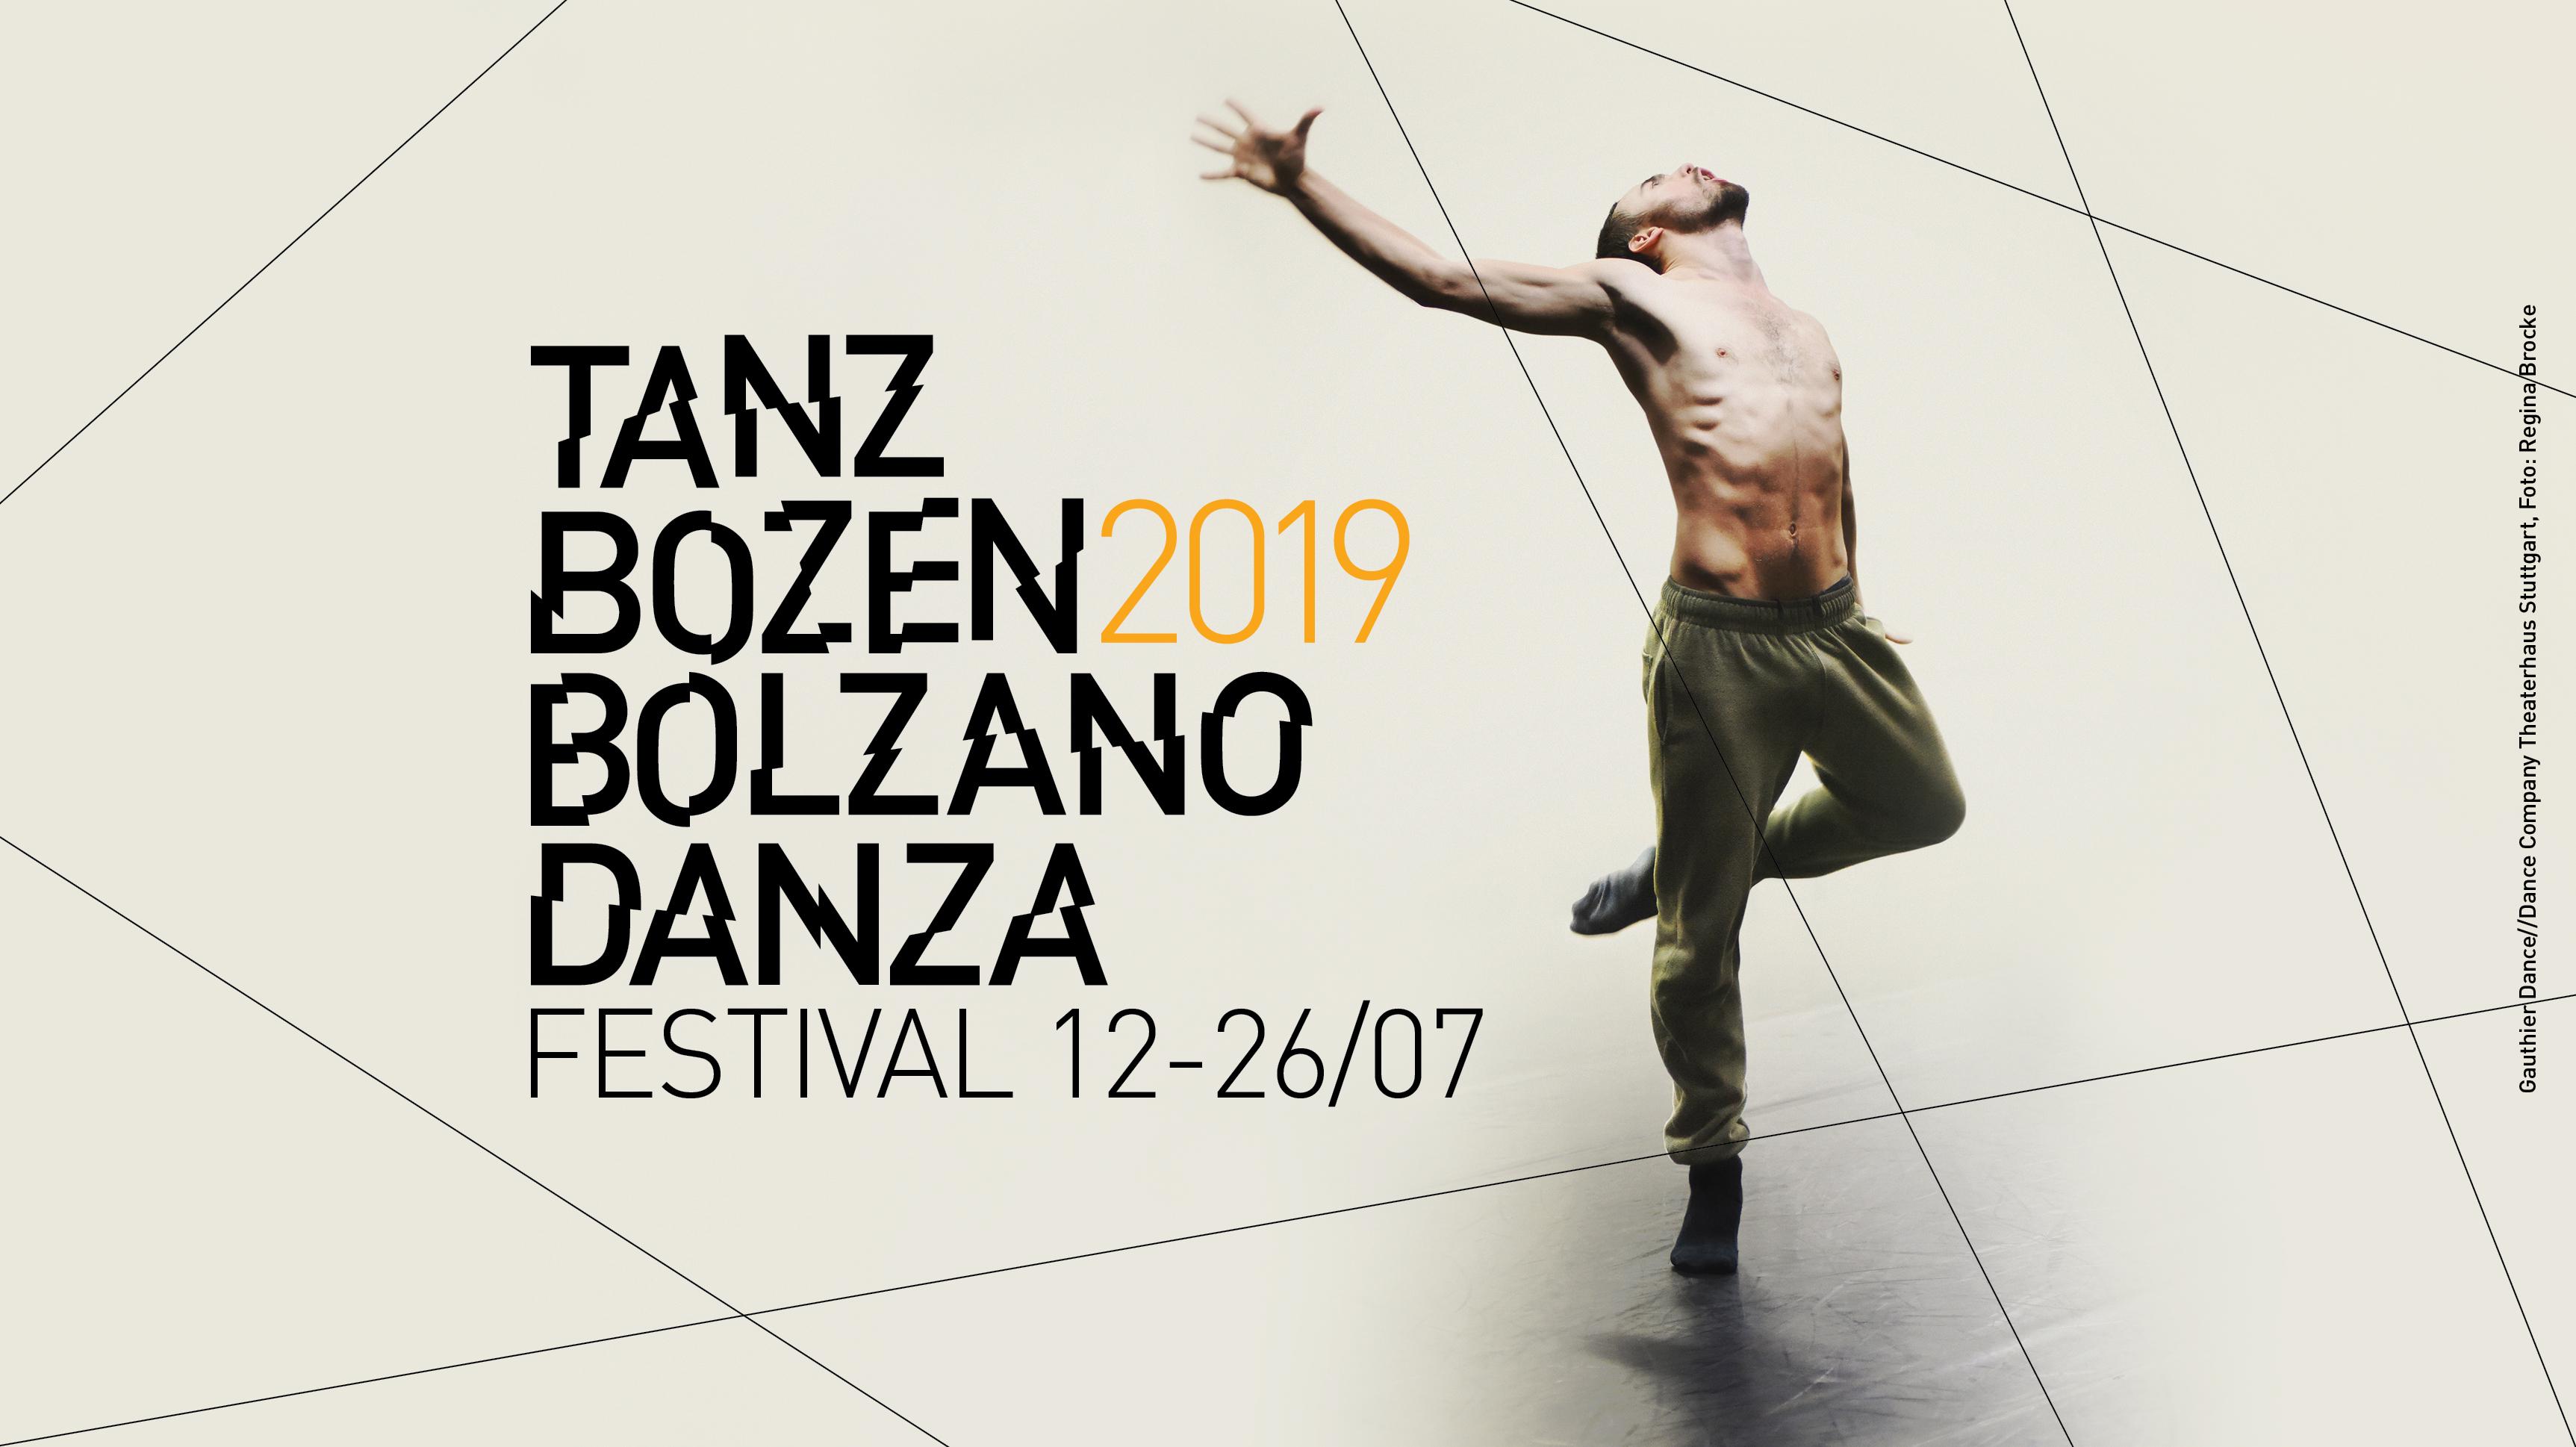 Bolzano Danza, il festival della danza contemporanea, compie 35 edizioni